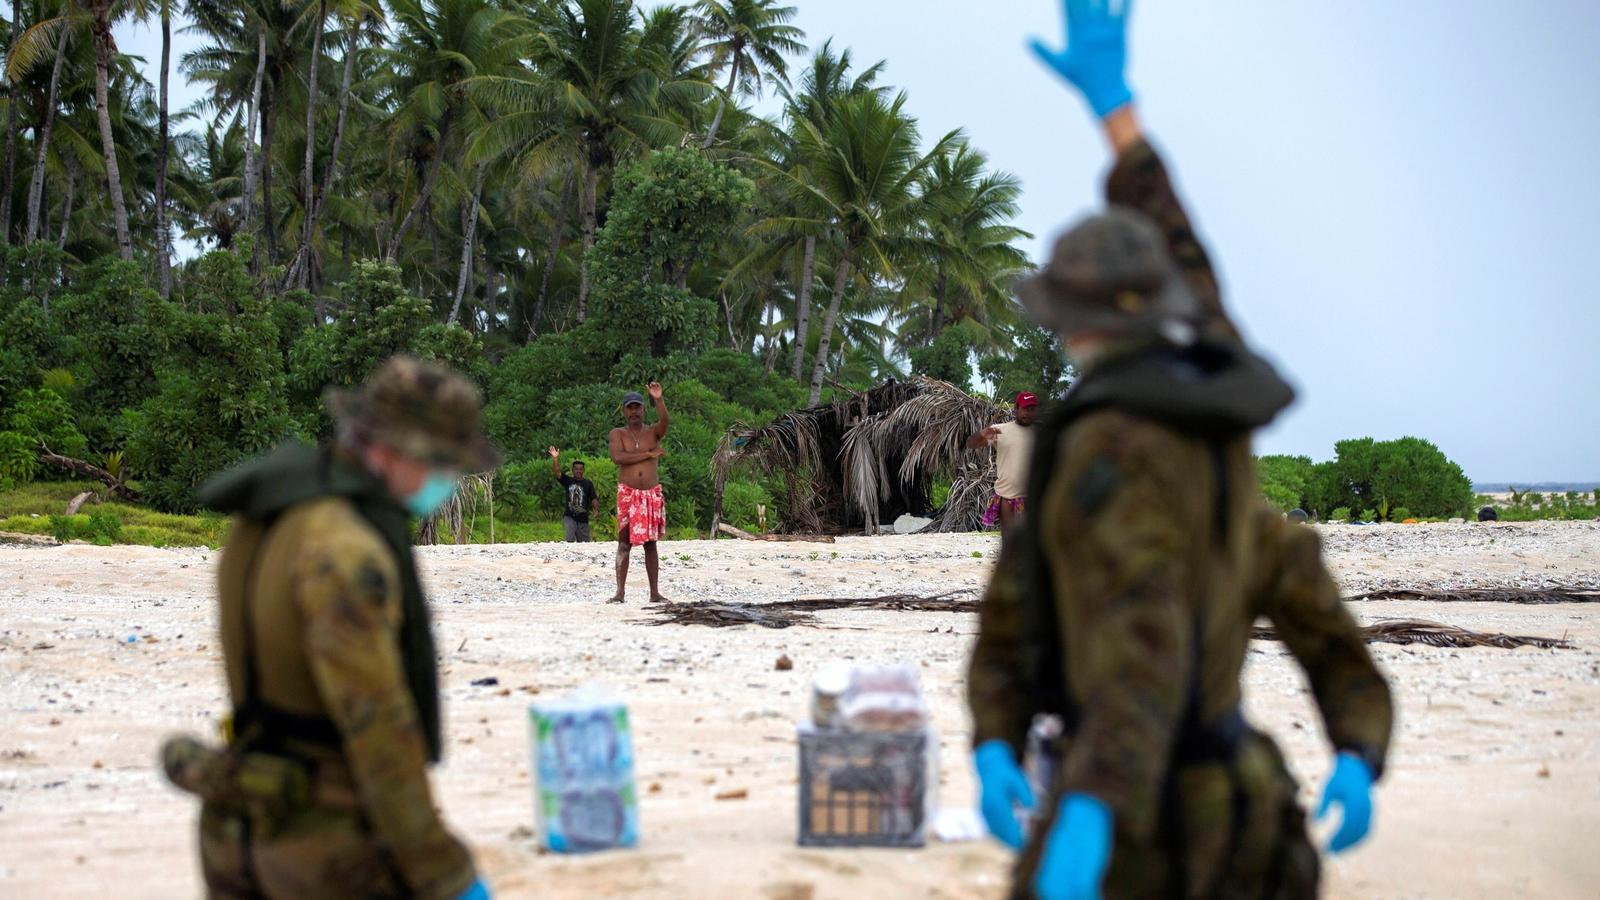 Membres dels equips de rescat saluden els tres homes que esperaven ser rescatats en una illa deserta del Pacífic.